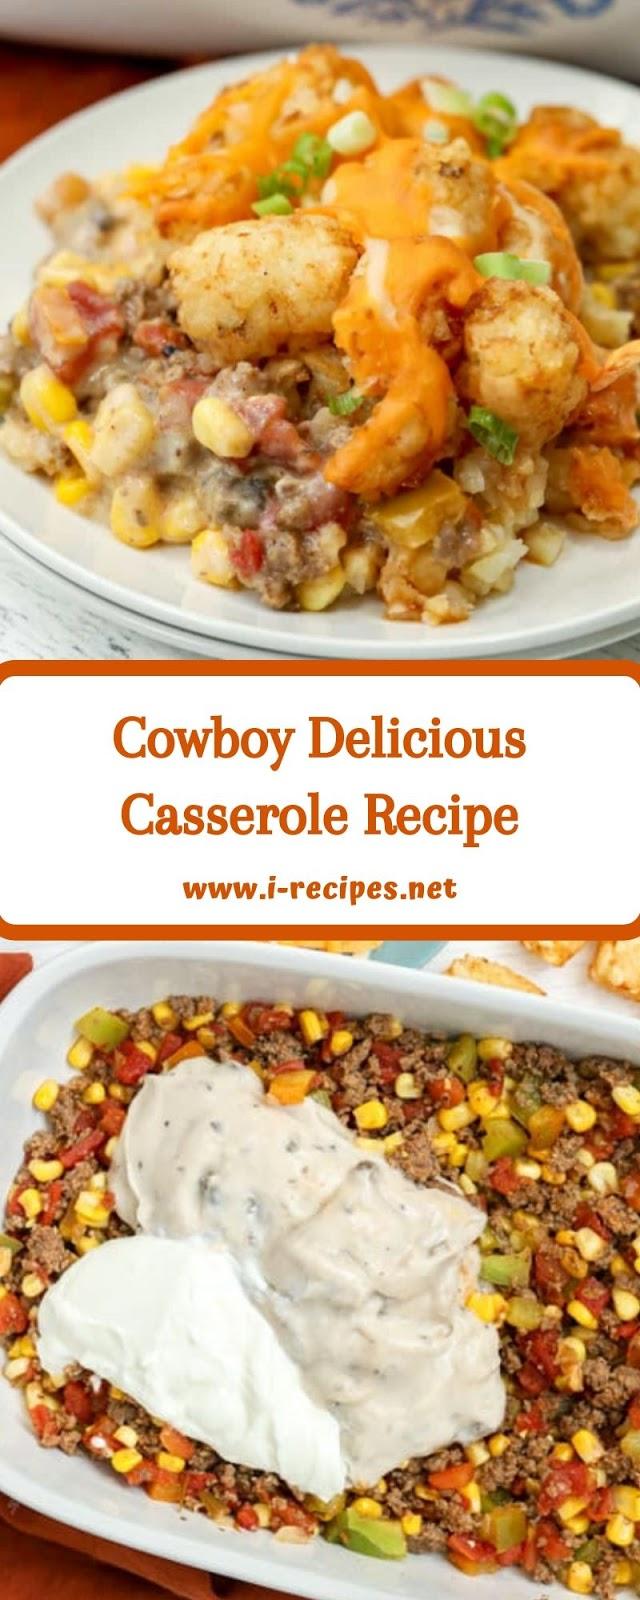 Cowboy Delicious Casserole Recipe